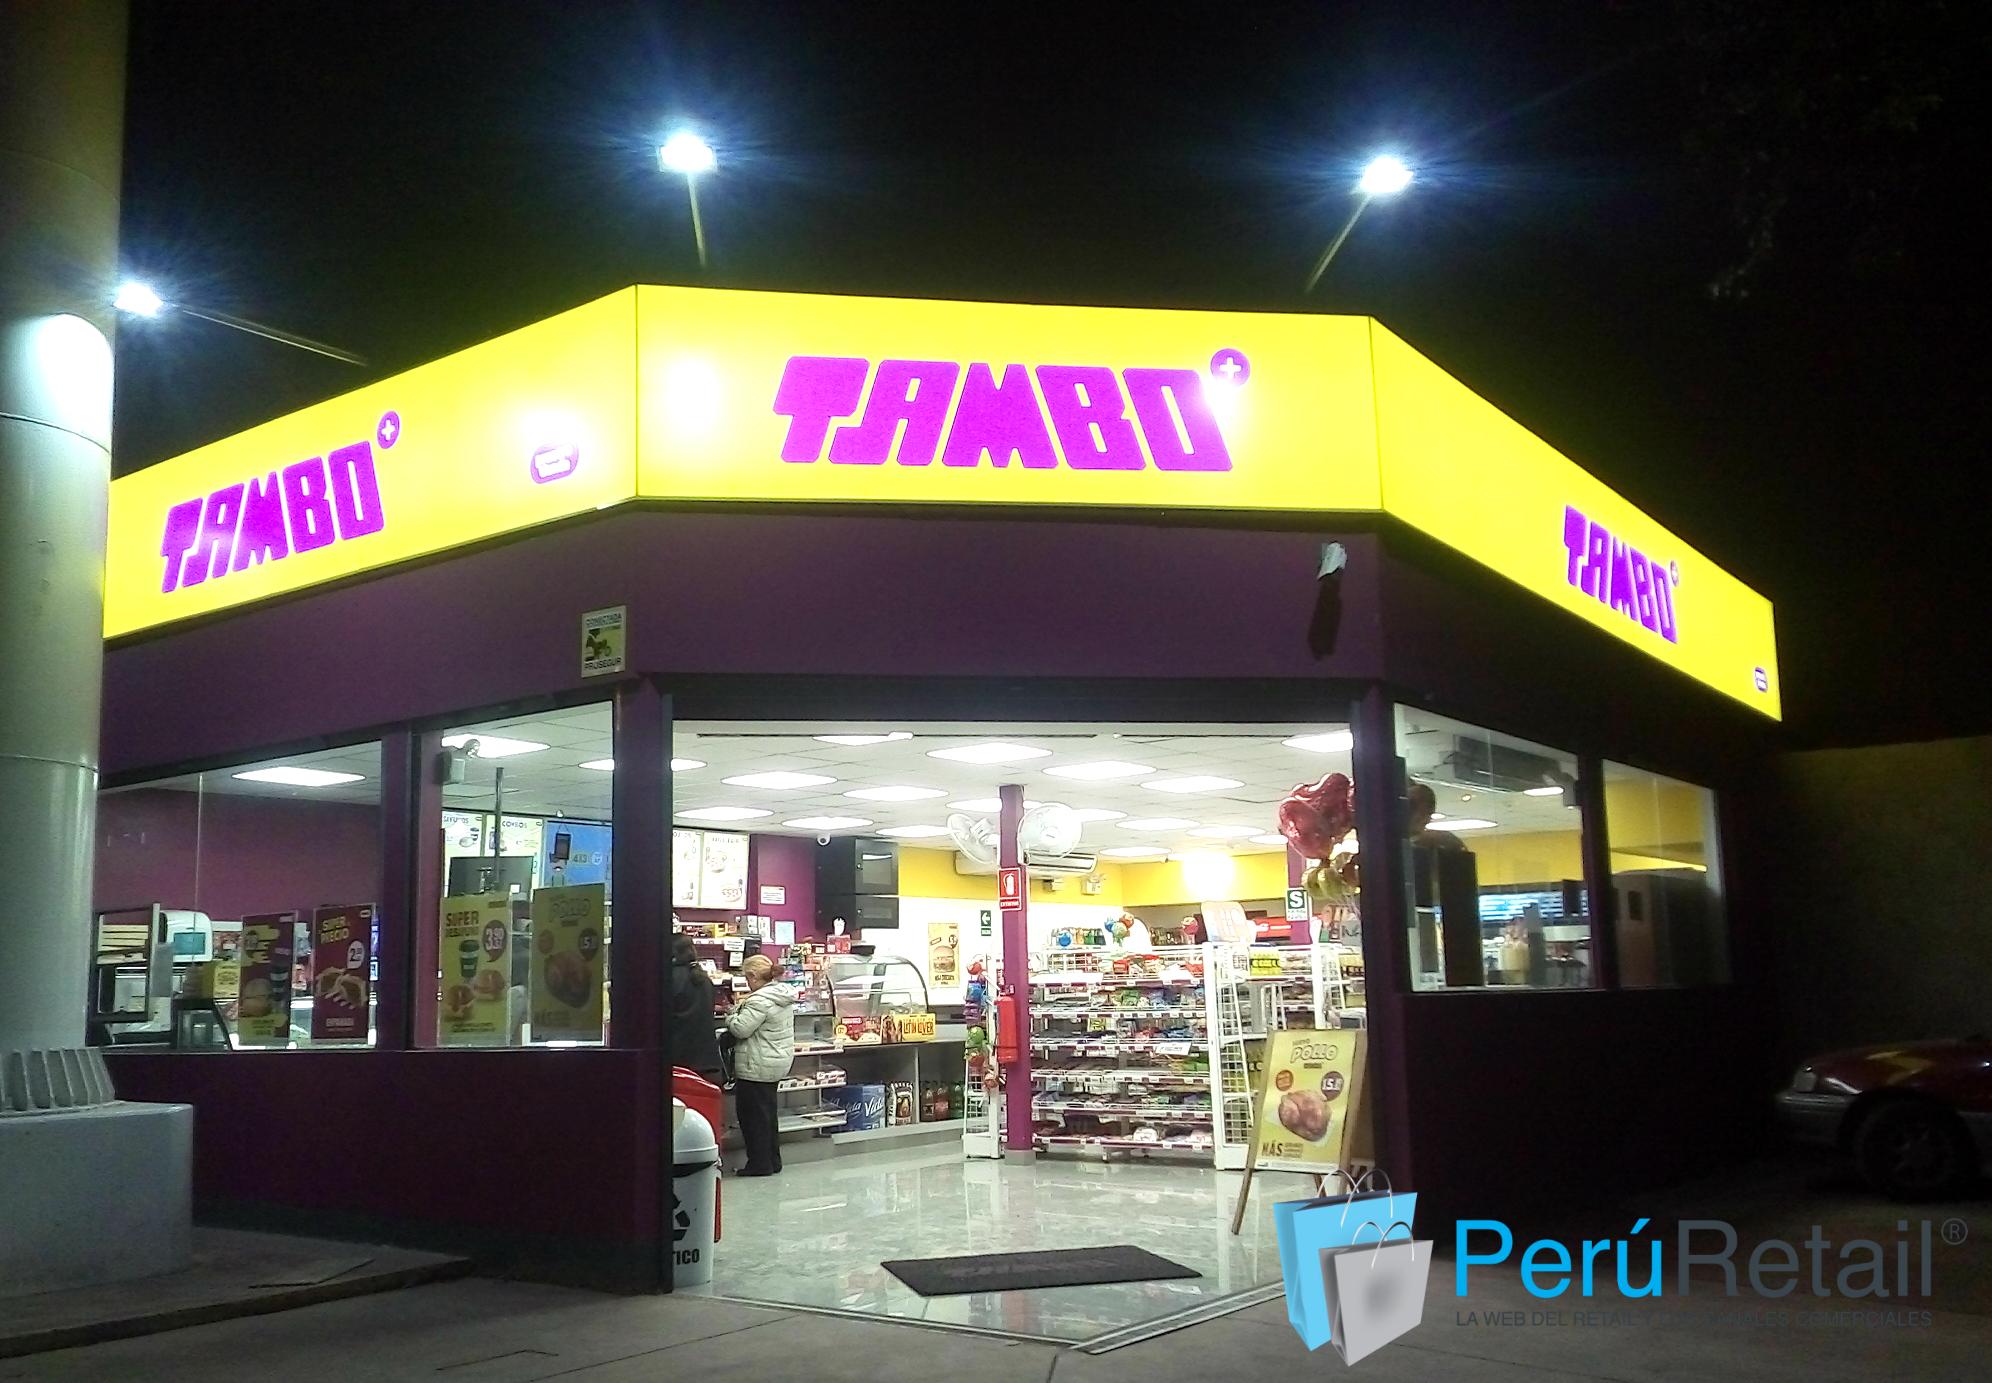 Tambo San Borja Peru Retail - Plan de Tambo+ es abrir 80 locales este año en el sector retail peruano